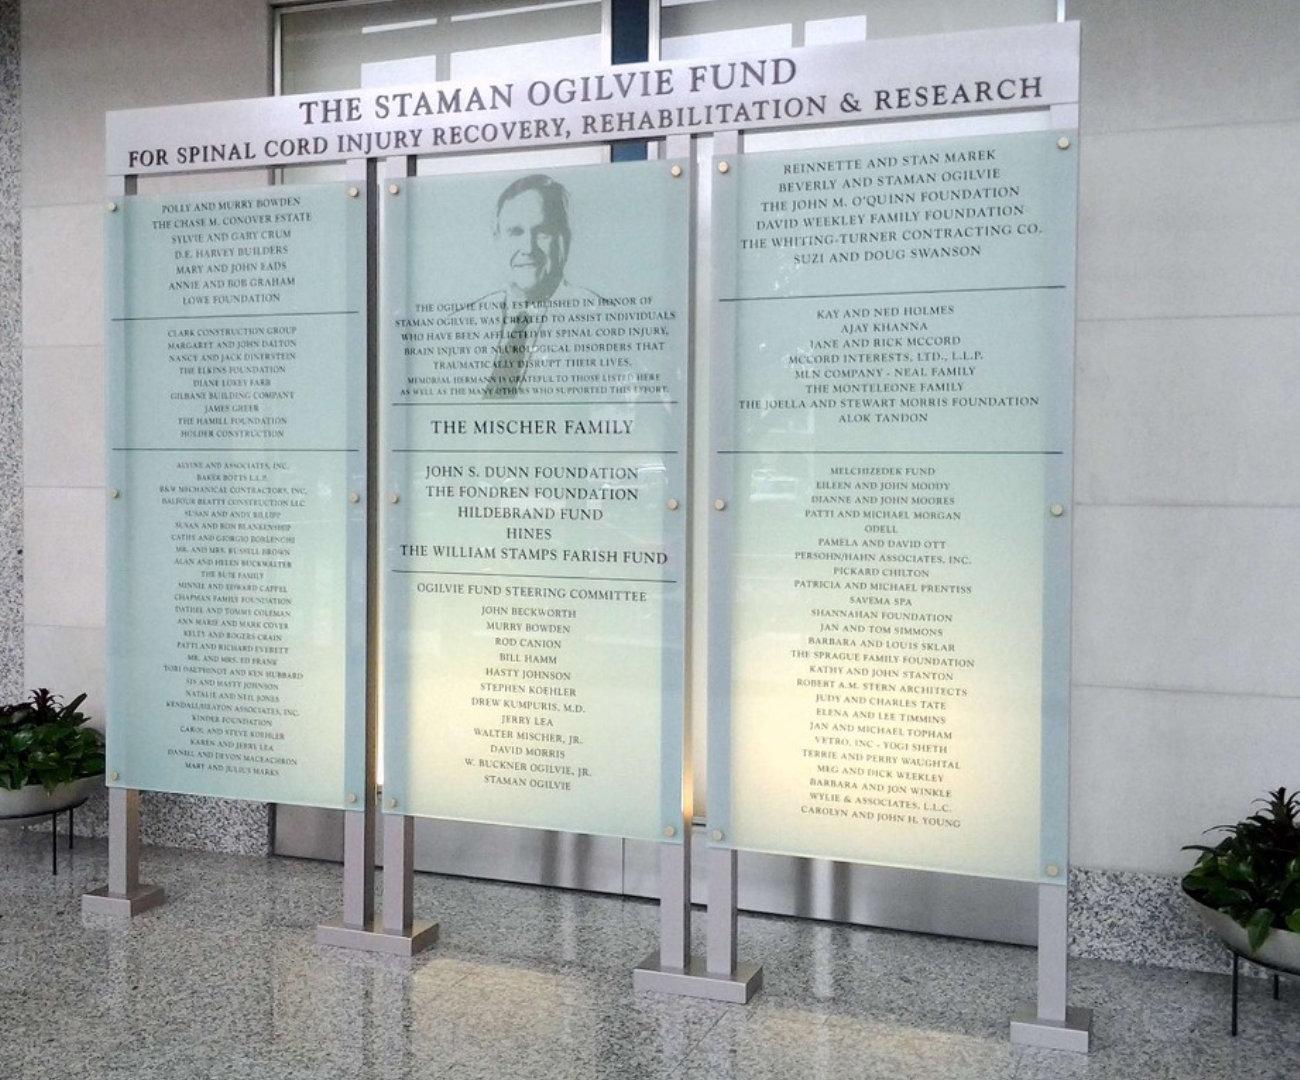 The Staman Ogilvie Fund